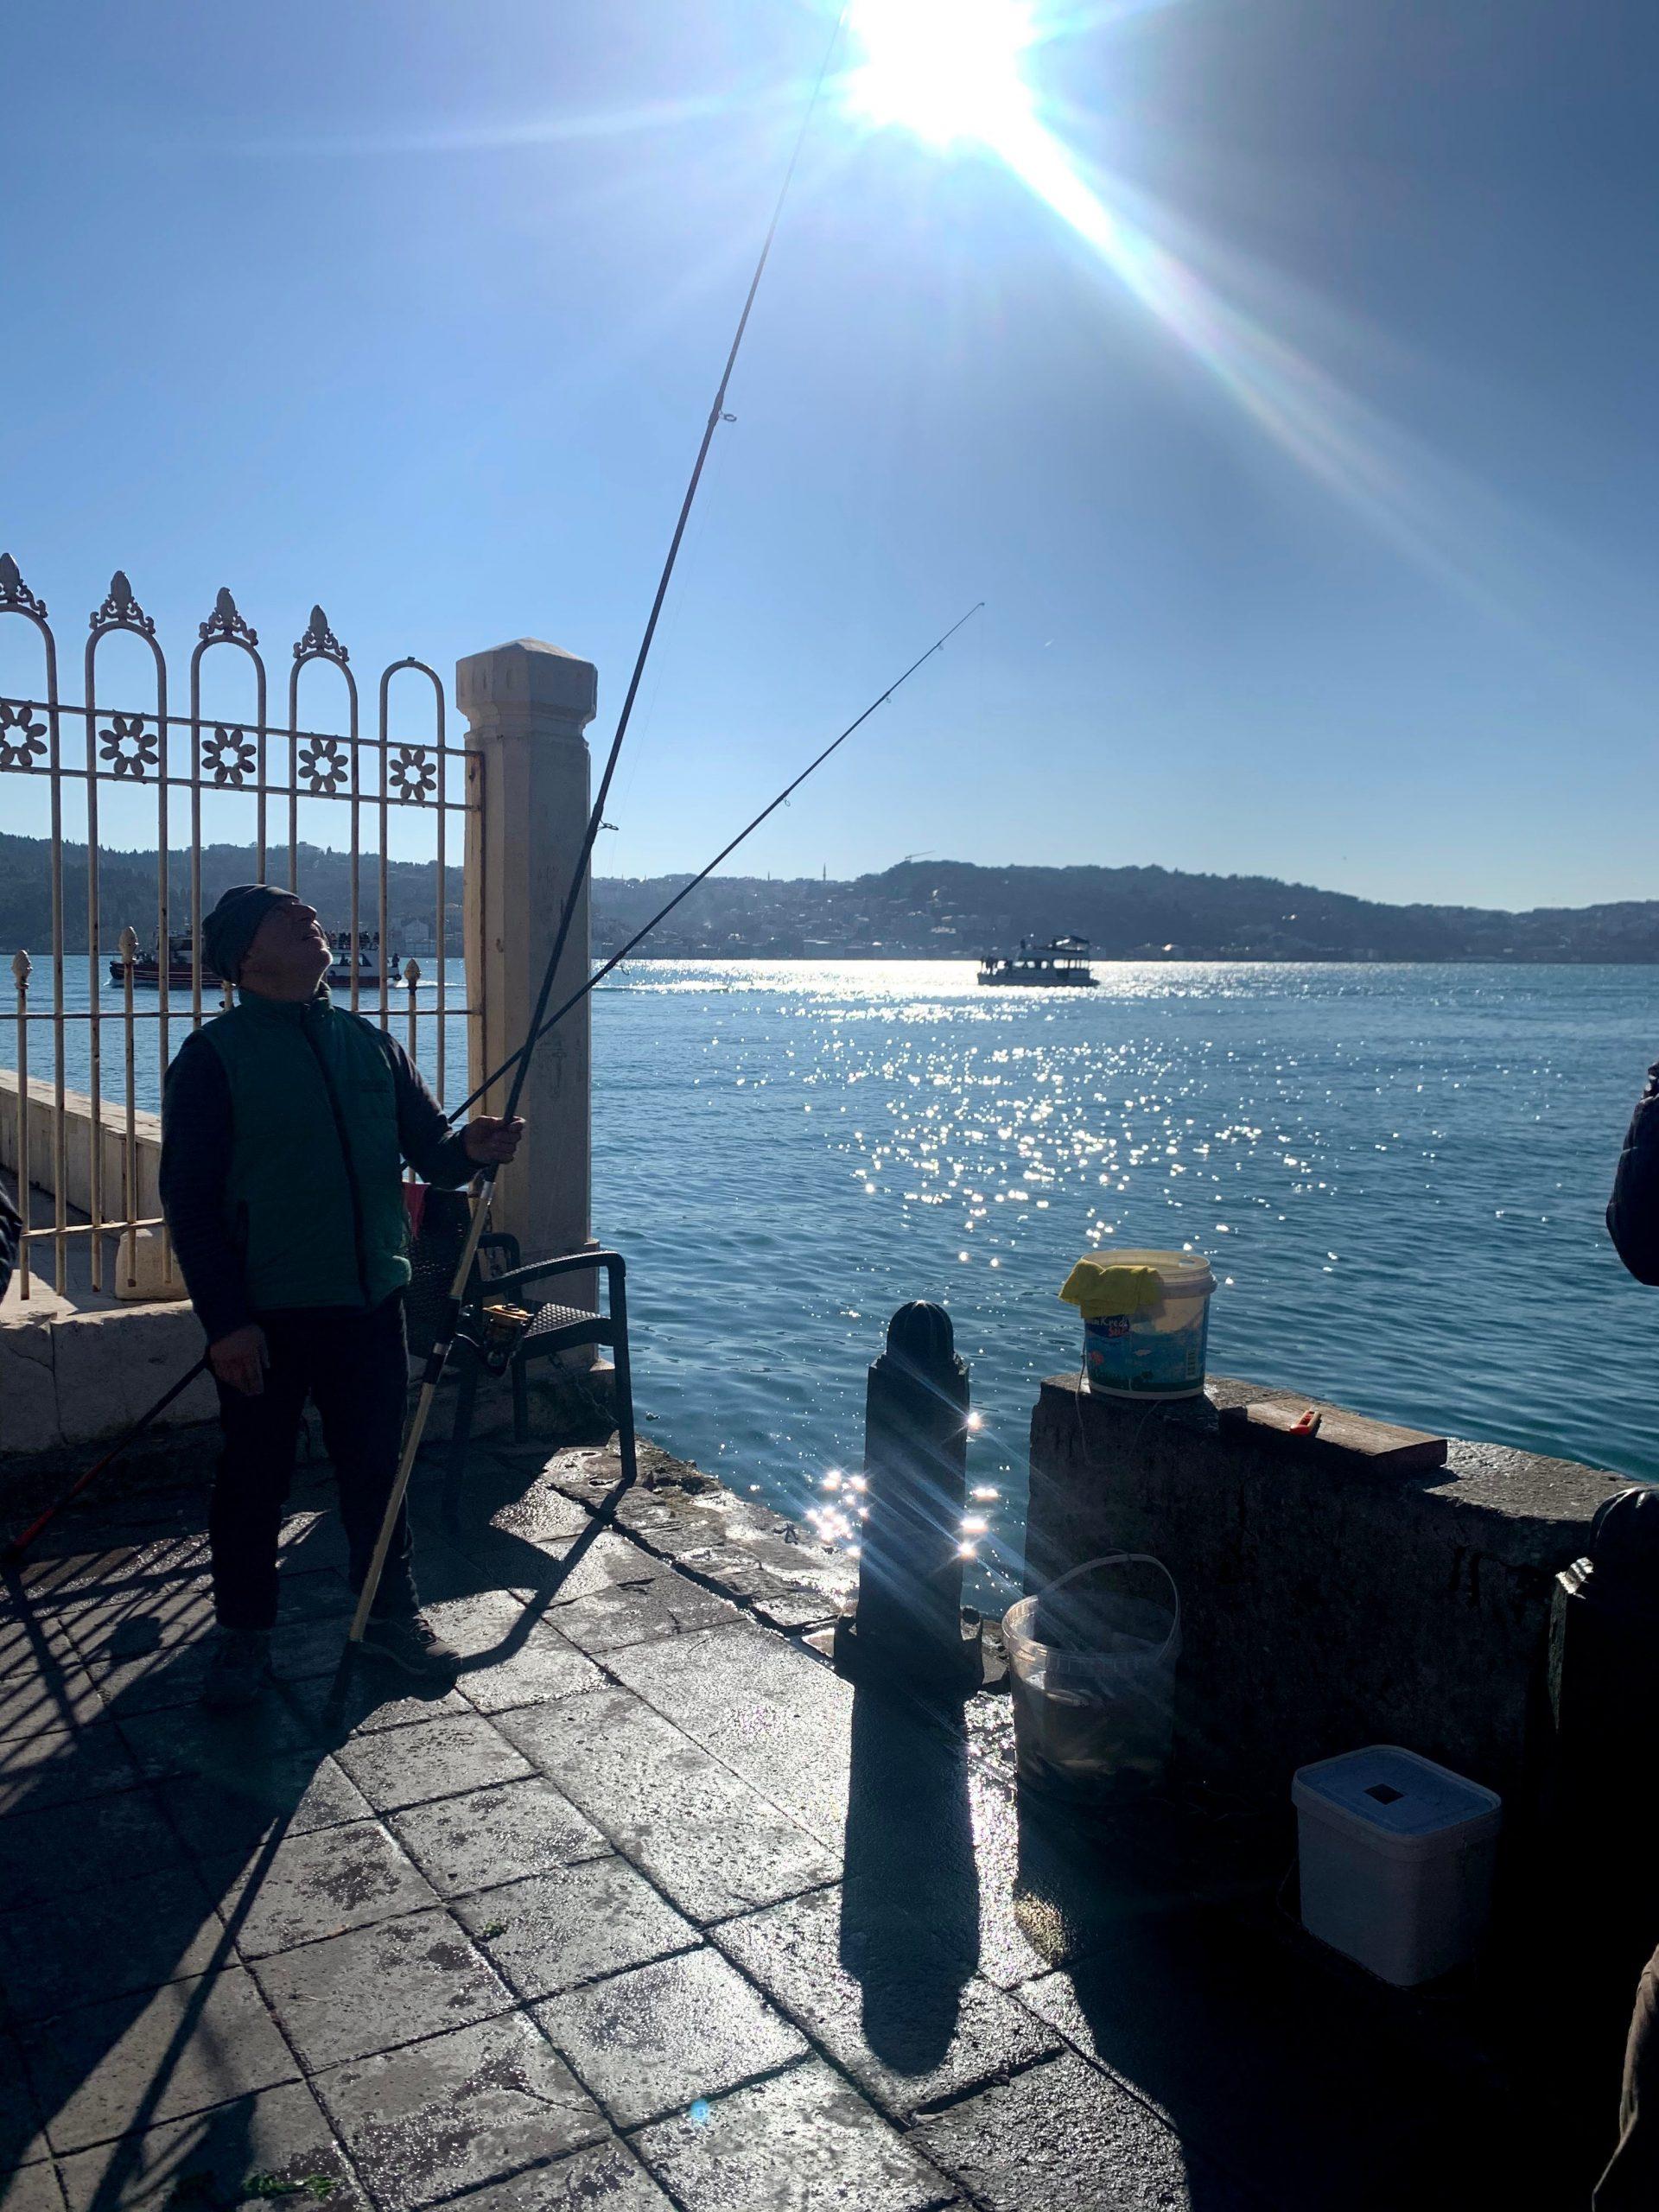 7 Tipps für deinen nächsten Istanbul-Trip: Fischer am Ortaköy Fährterminal